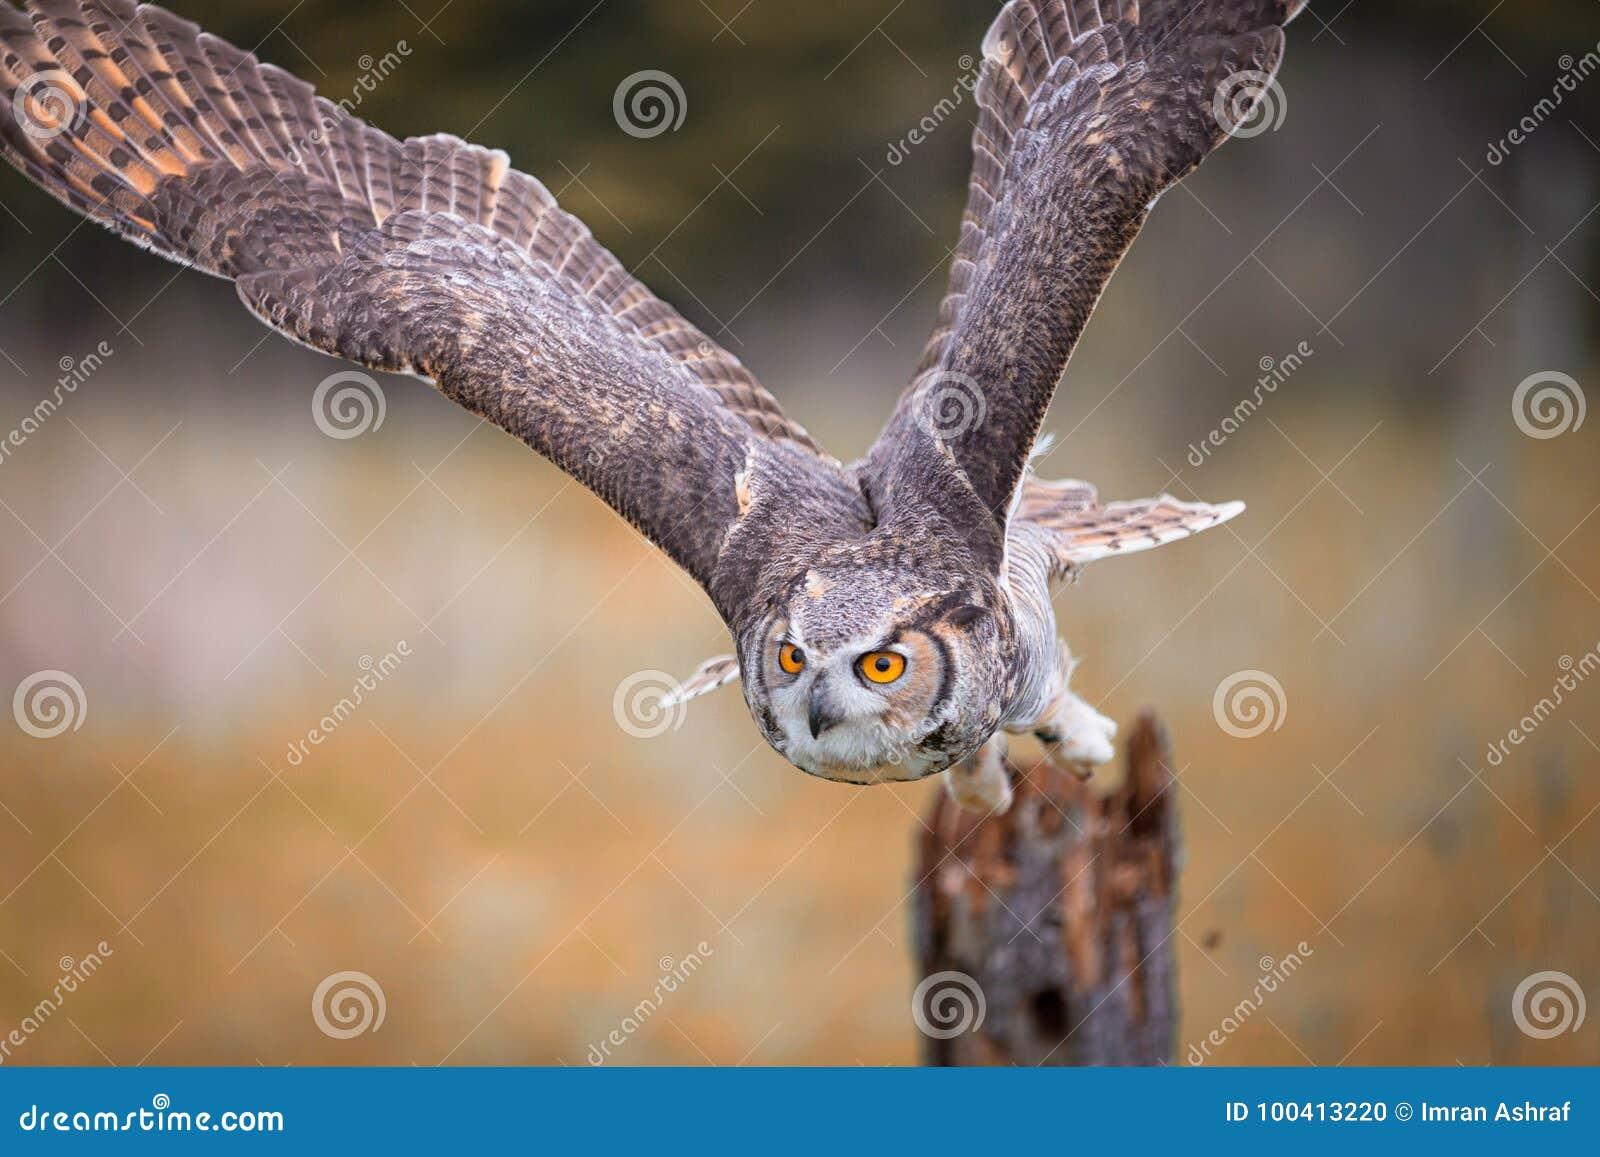 Hibou à cornes gris